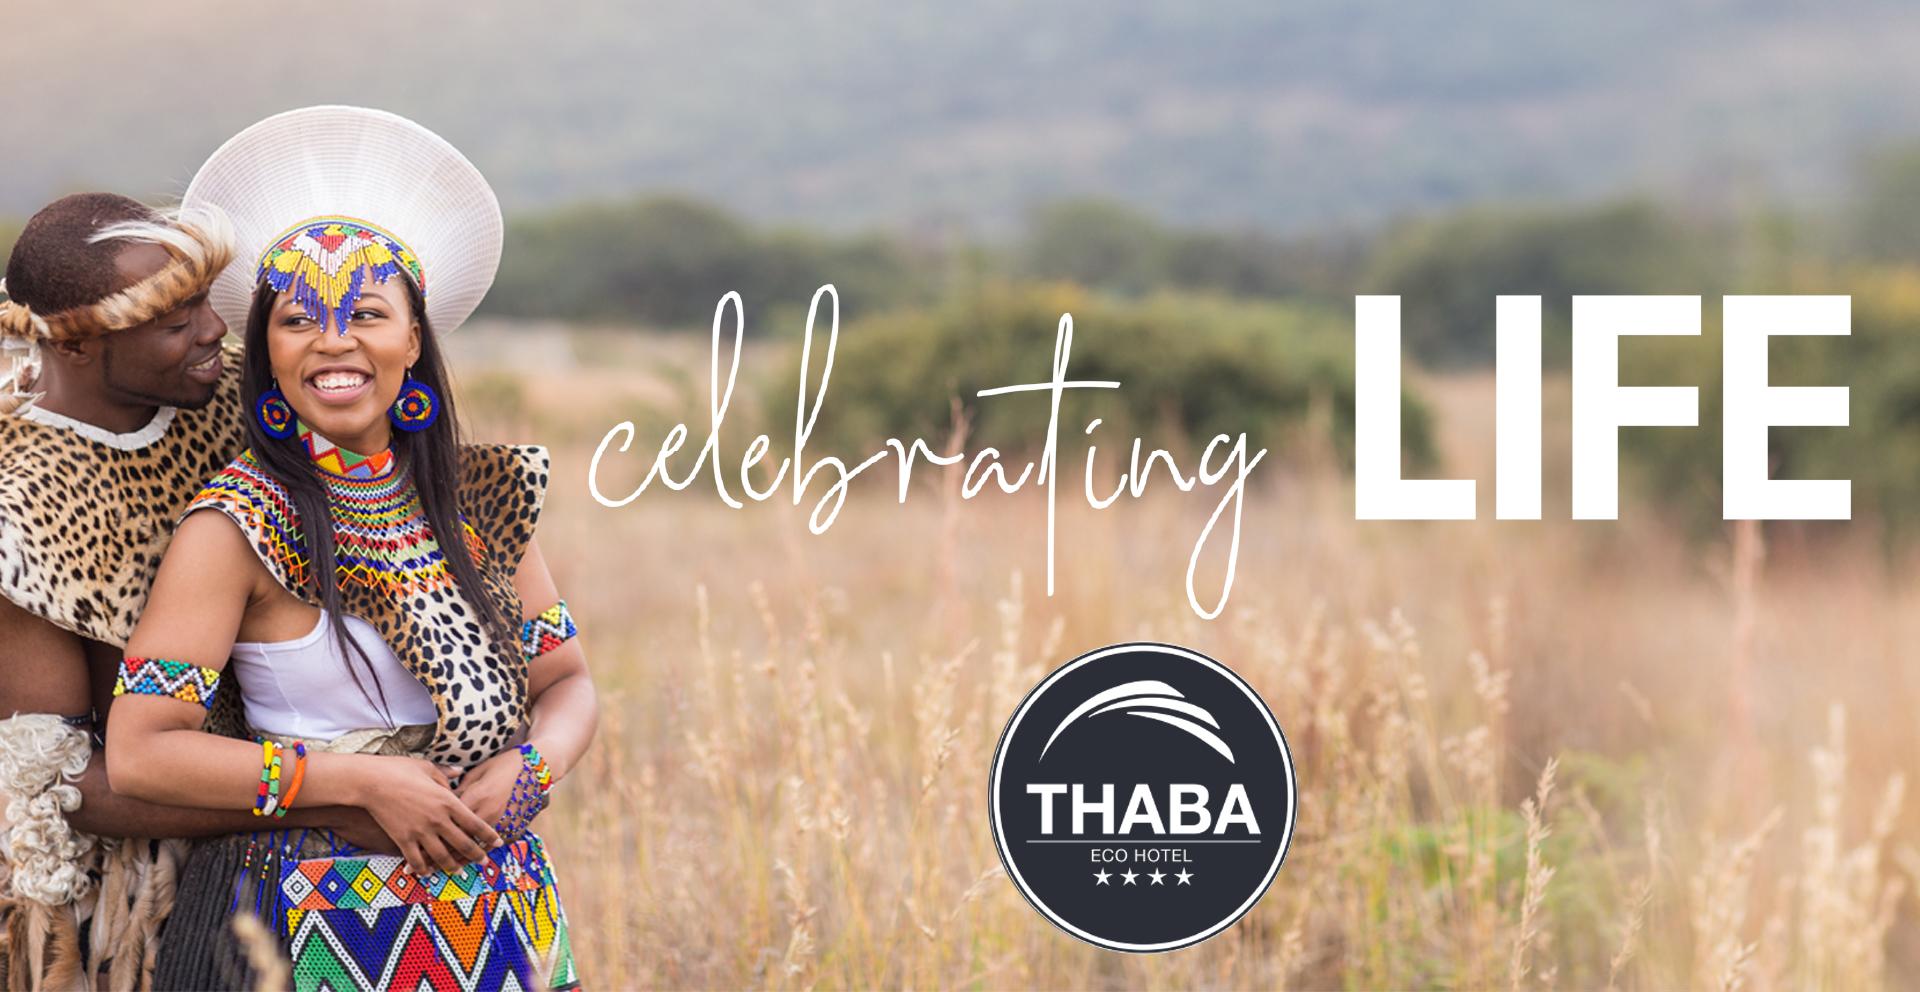 thabe eco hotel celebrating life